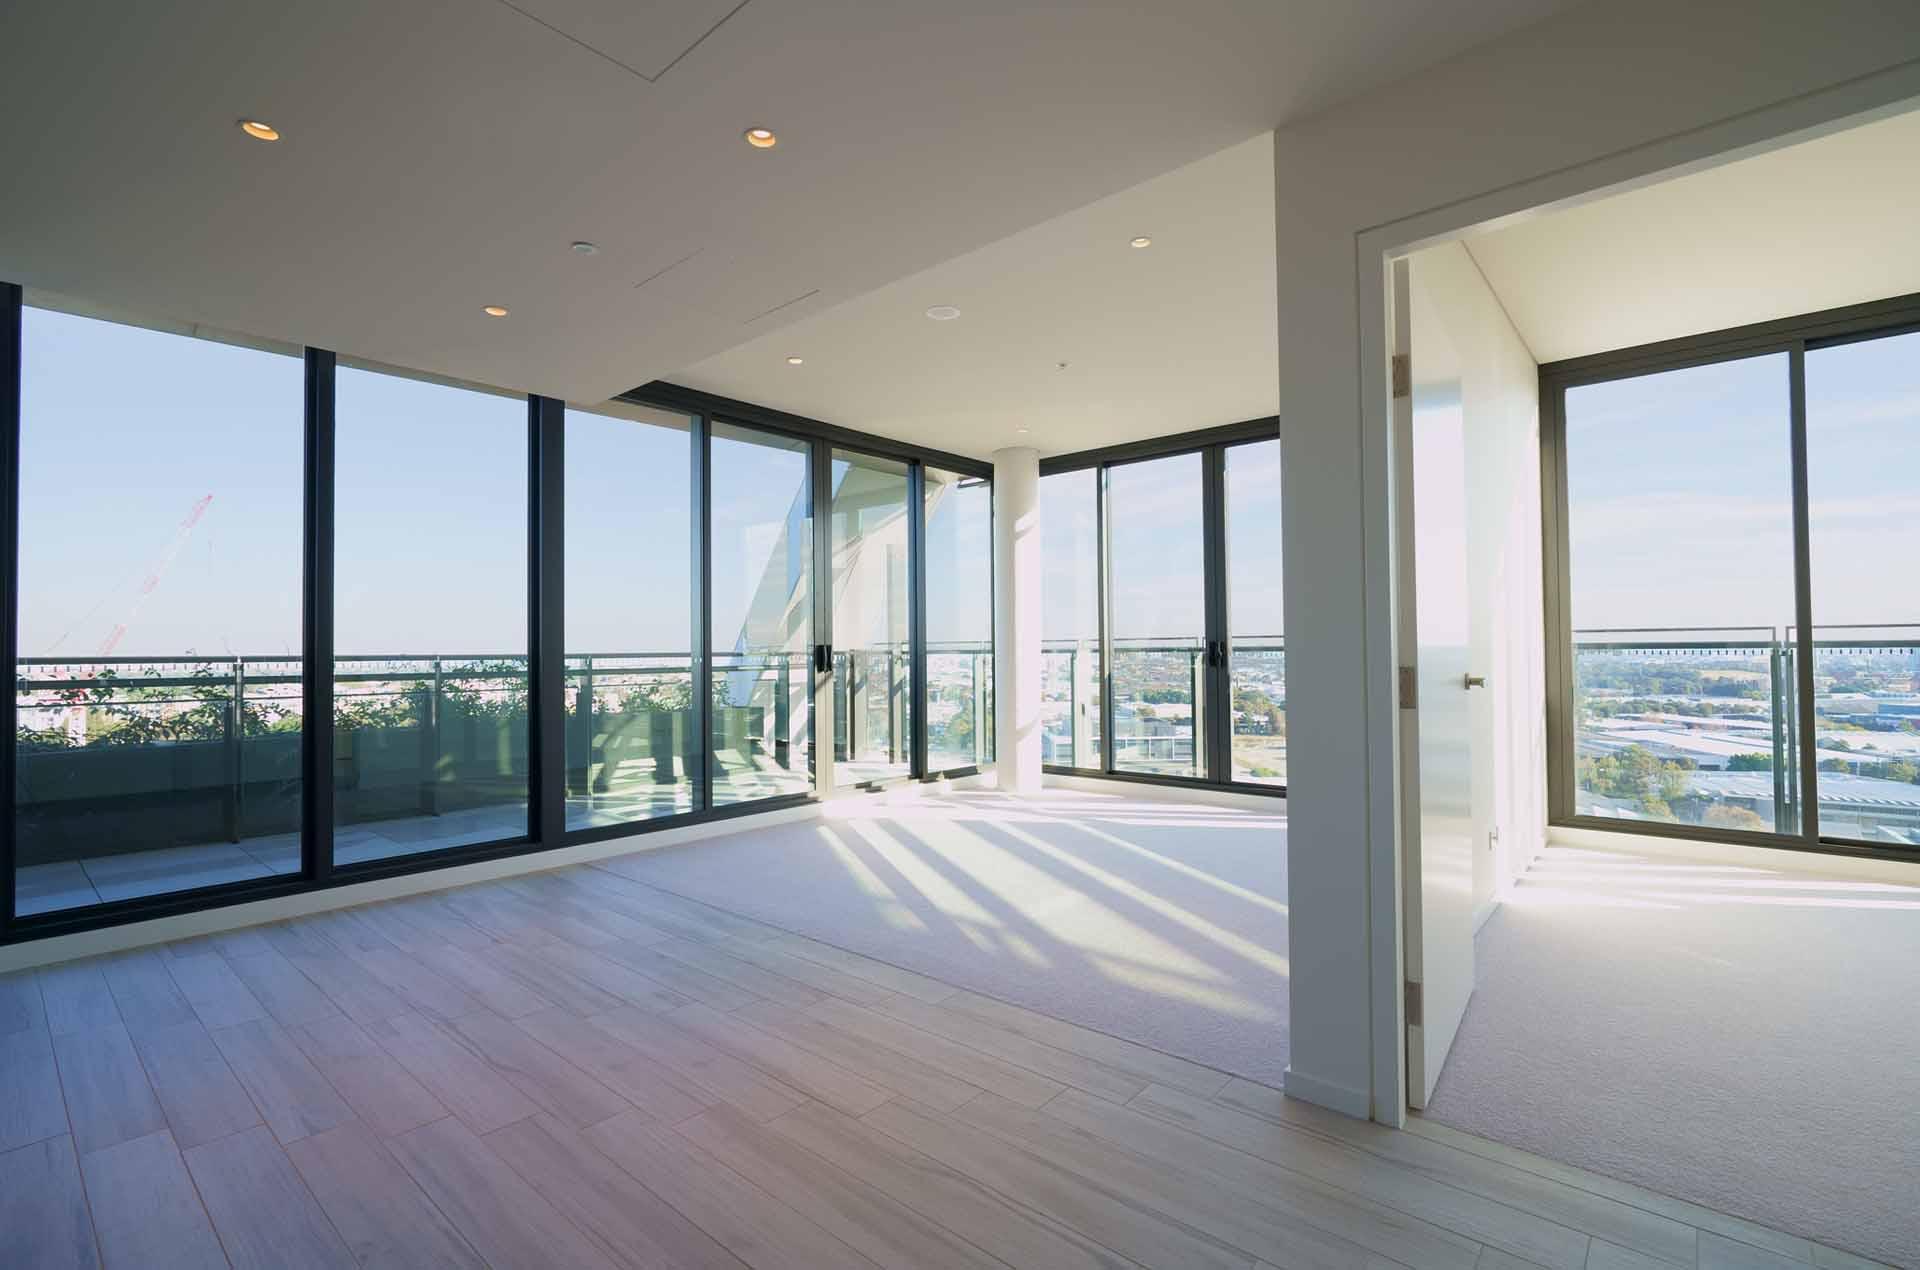 3 bedroom apartment for leasen in zetland 2017